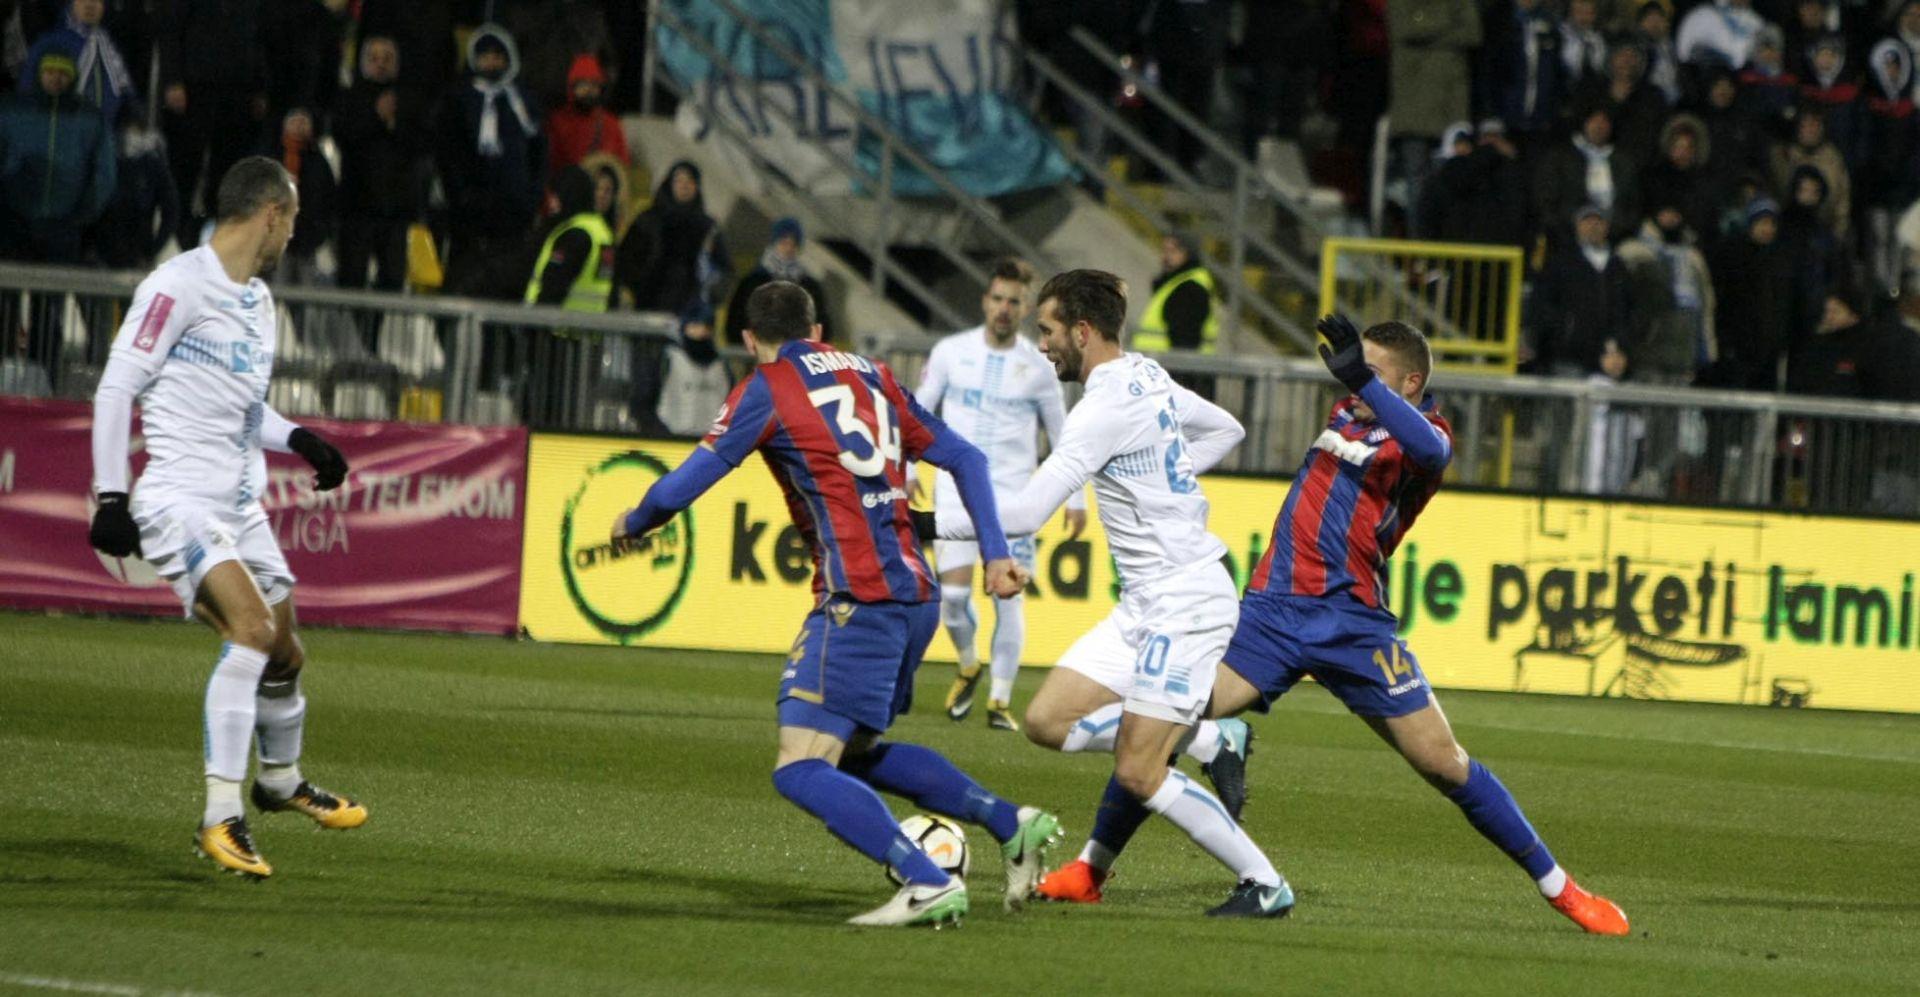 JADRANSKI DERBI SPLIĆANIMA Rijeka – Hajduk 1-2